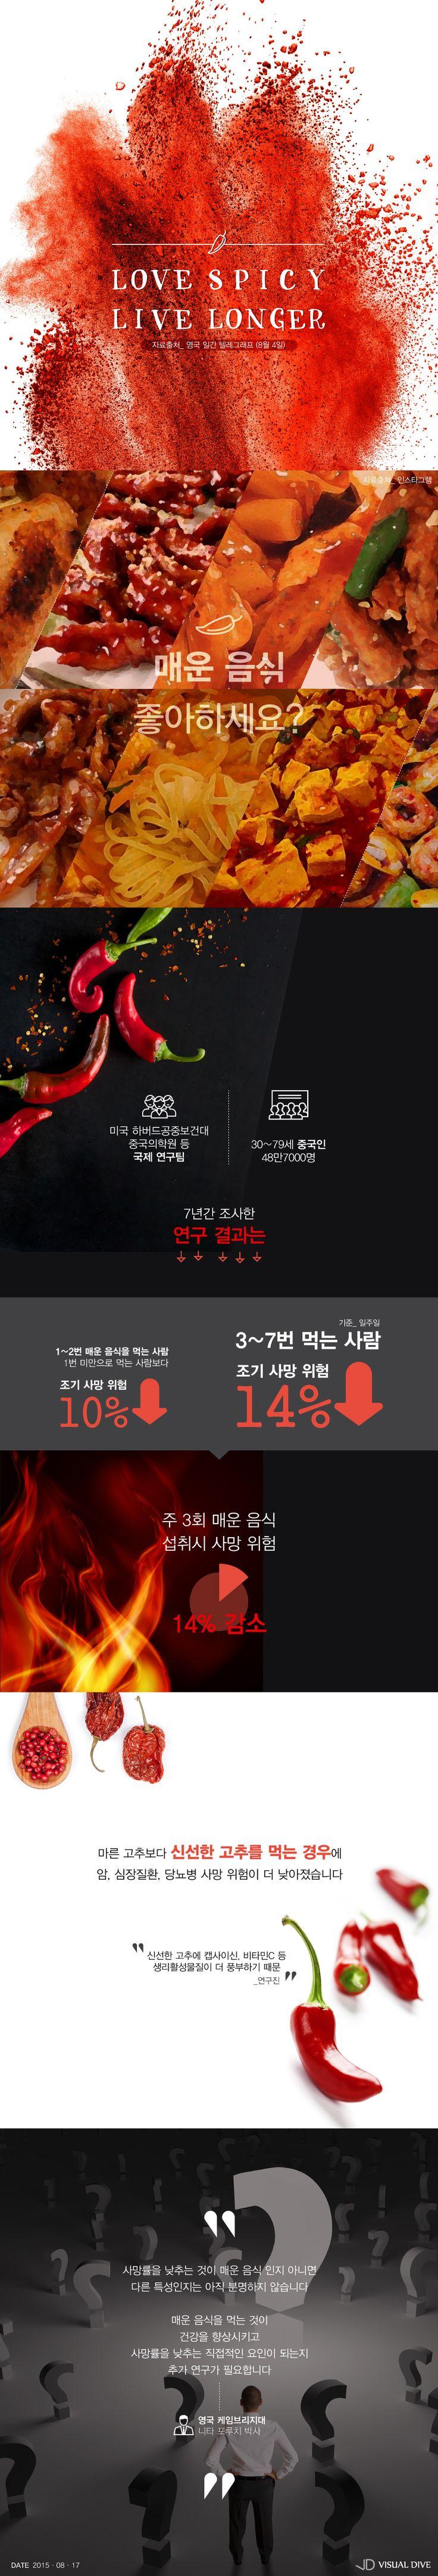 매운 음식 자주 먹으면 조기 사망 위험↓ [인포그래픽] #Spicy / #Infographic ⓒ 비주얼다이브 무단 복사·전재·재배포 금지